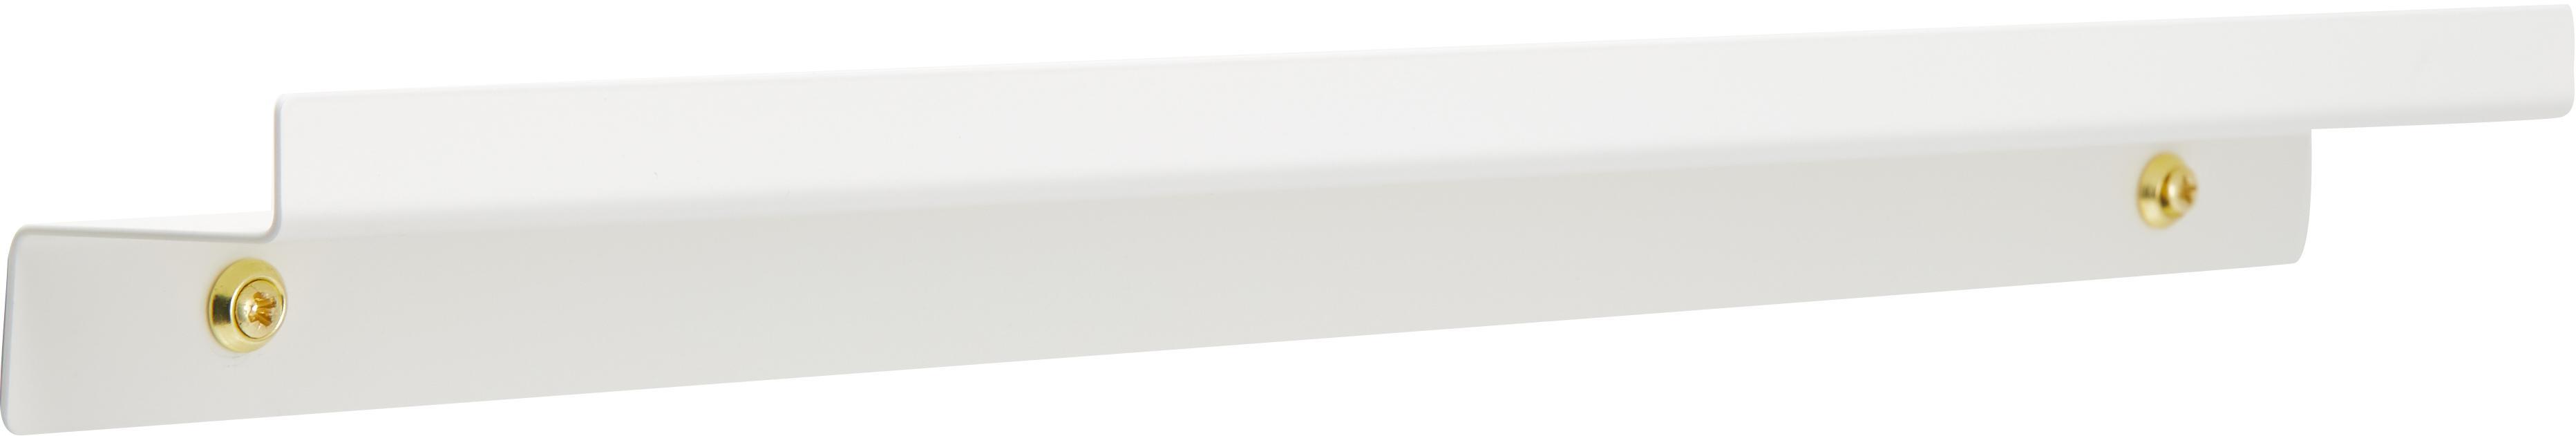 Smal fotolijstje Shelfini in wit, Lijst: gelakt metaal, Wit, messingkleurig, 50 x 6 cm